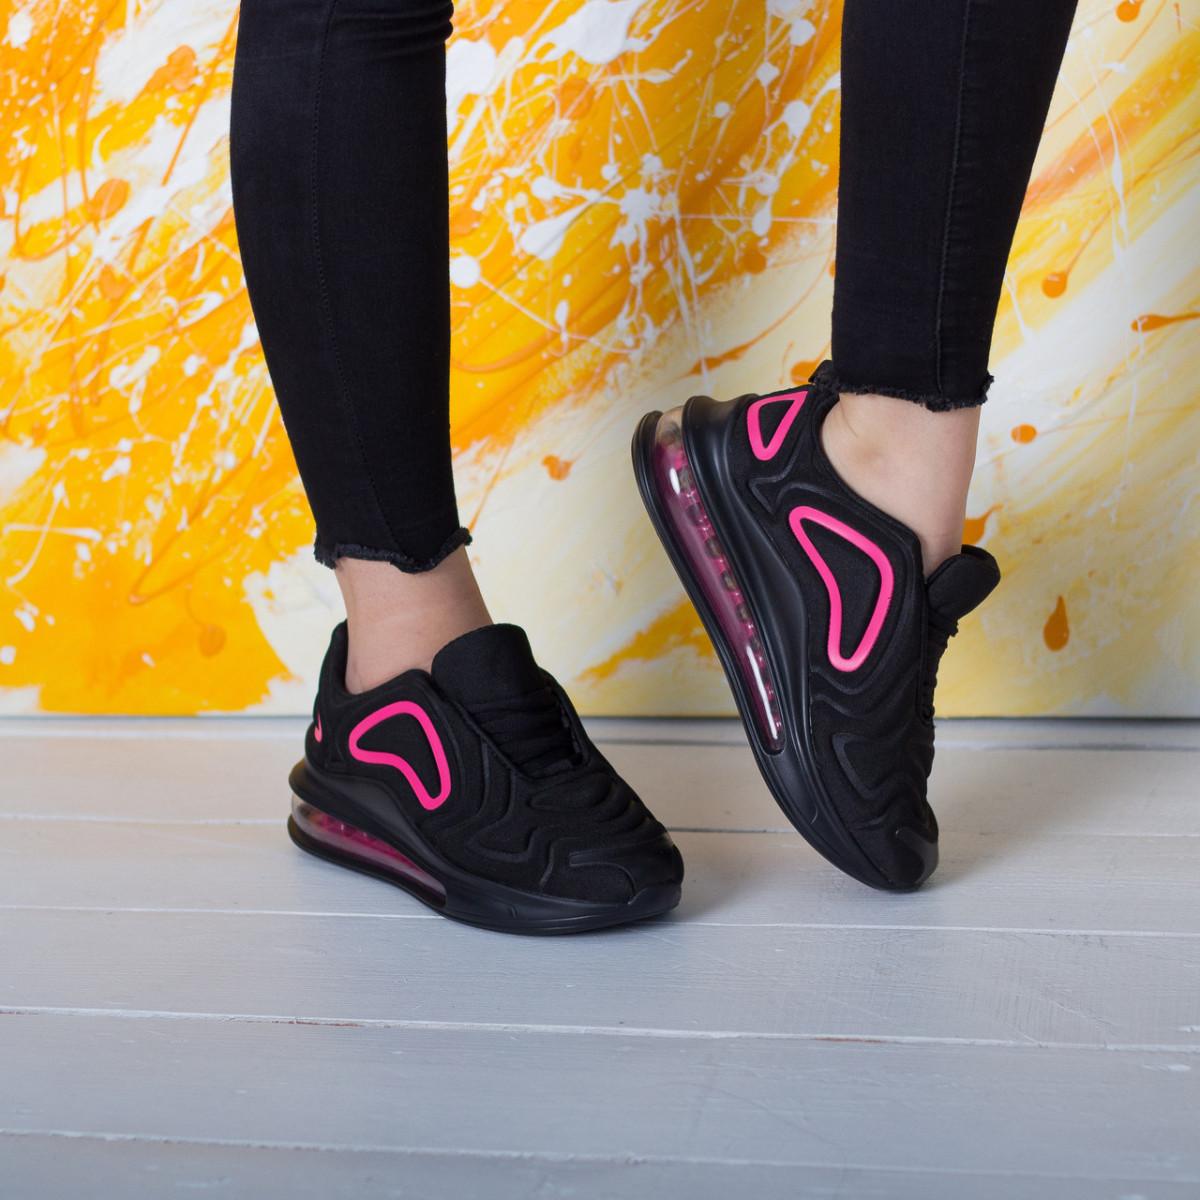 Кроссовки женские Fashion Babirusa 2585 36 размер 23,5 см Черный